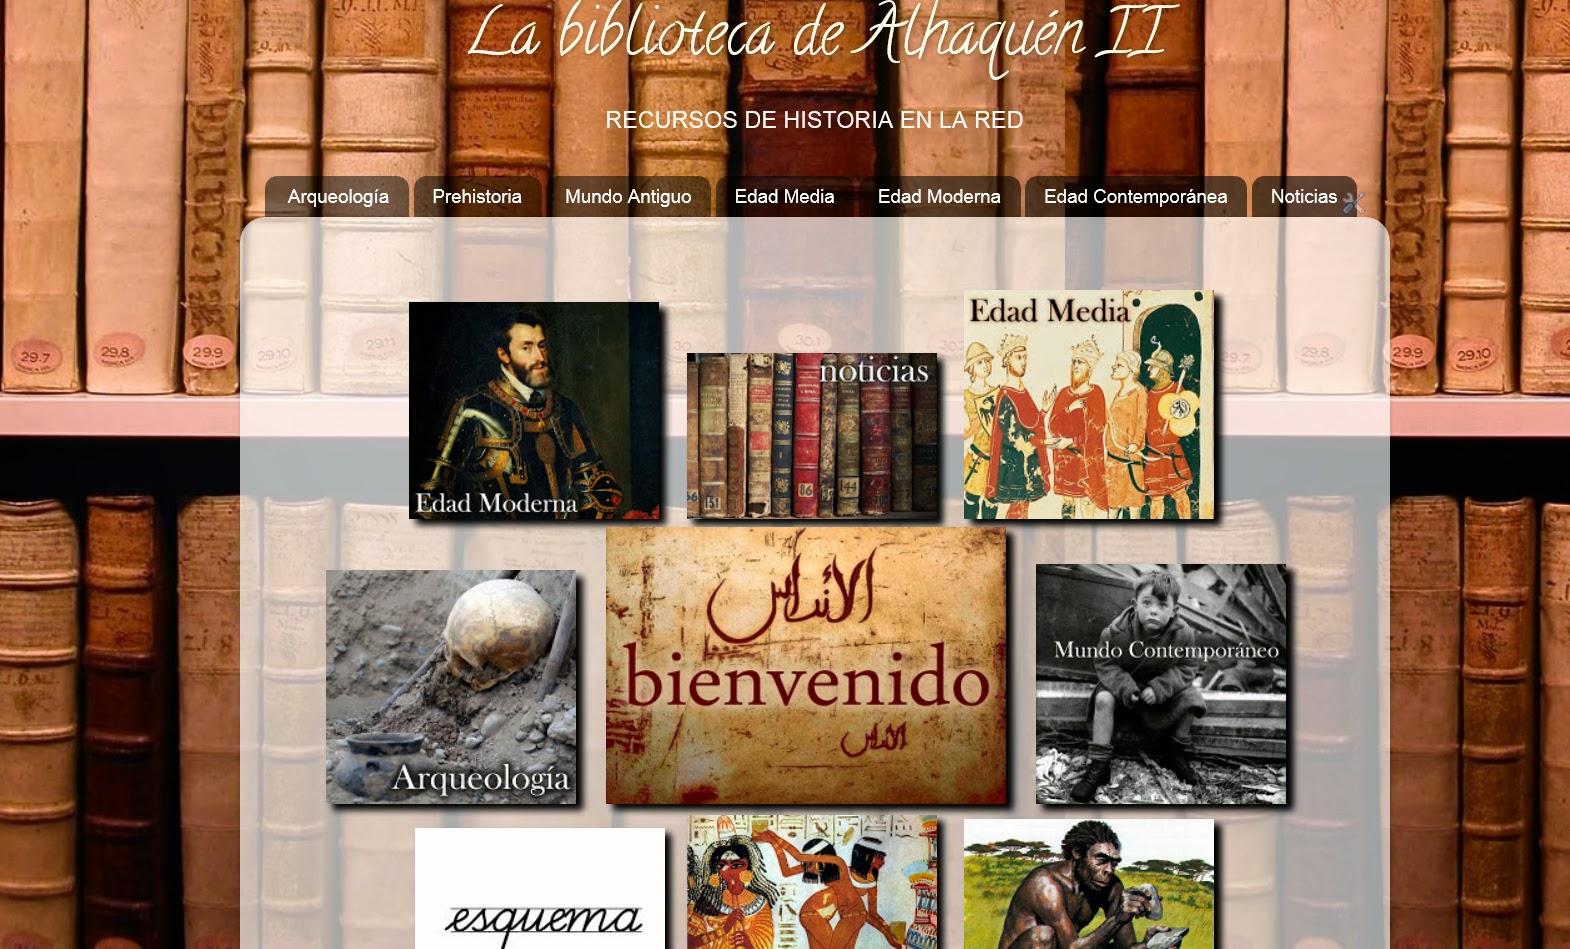 http://labibliotecadehistoria.blogspot.com.es/p/inicio.html